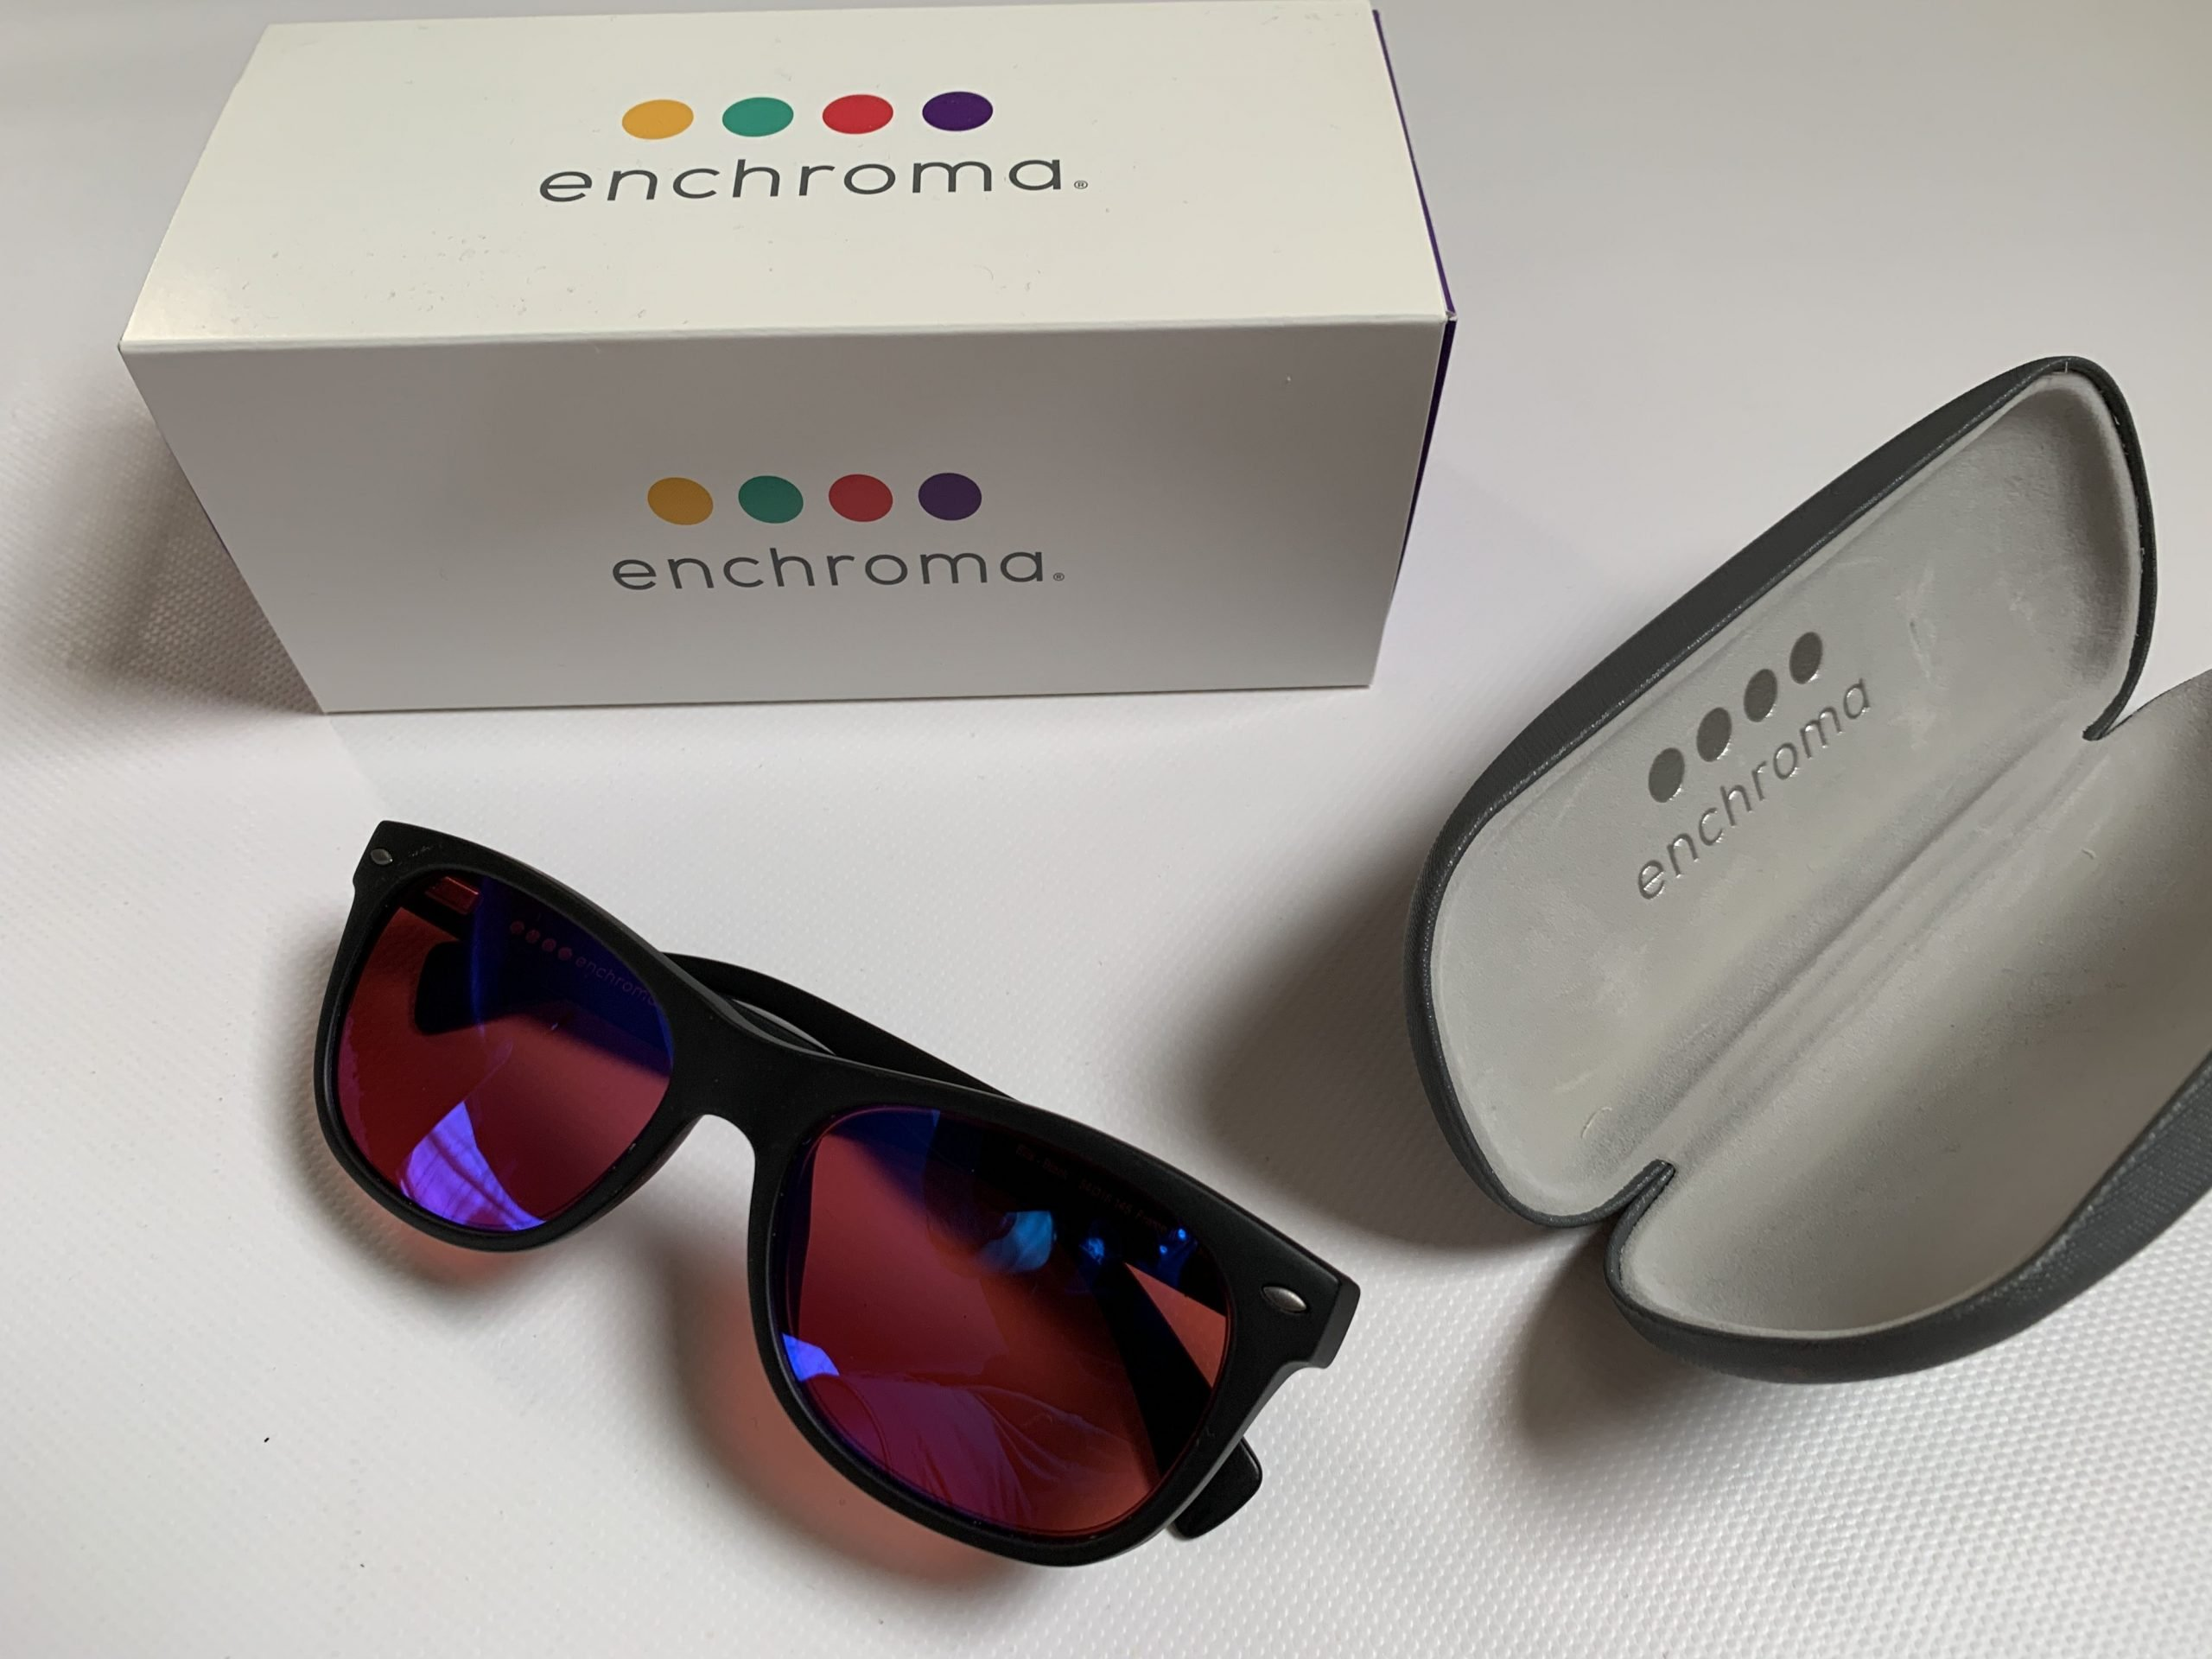 occhiali per daltonici